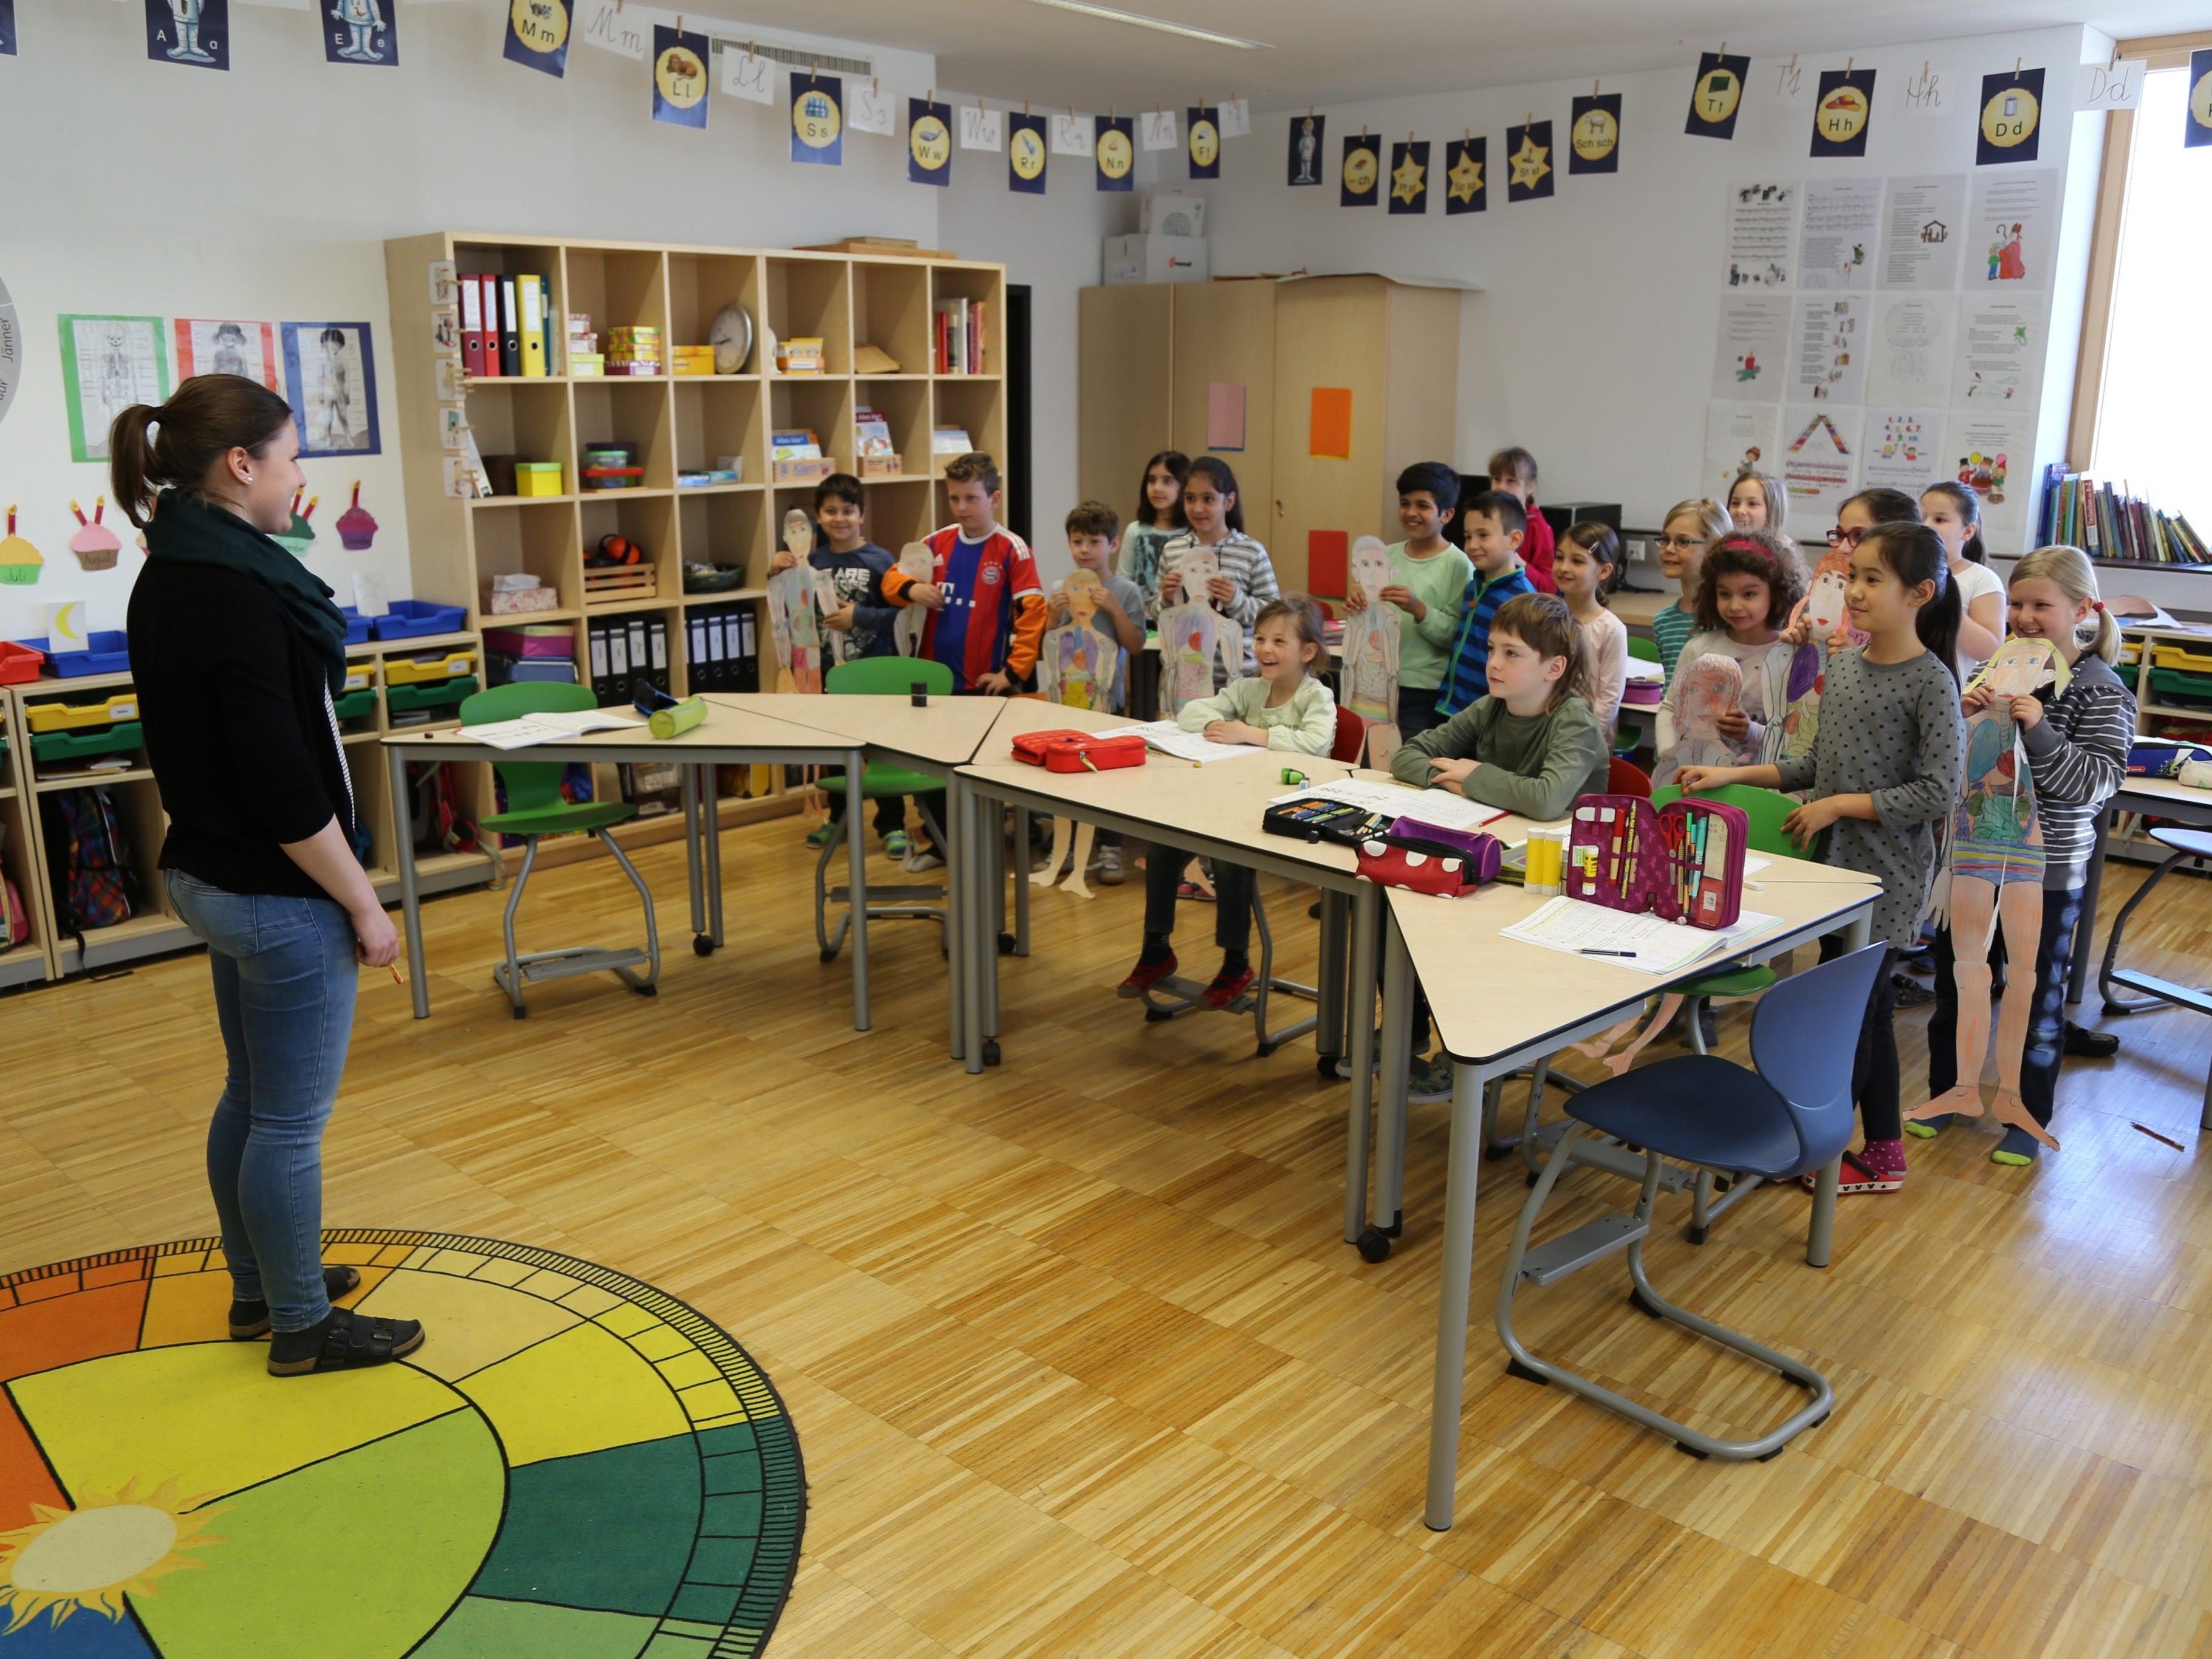 Die Stunden gestalten sich in der Volksschule Oberau sehr flexibel – so soll der individuelle Lernerfolg optimiert werden.